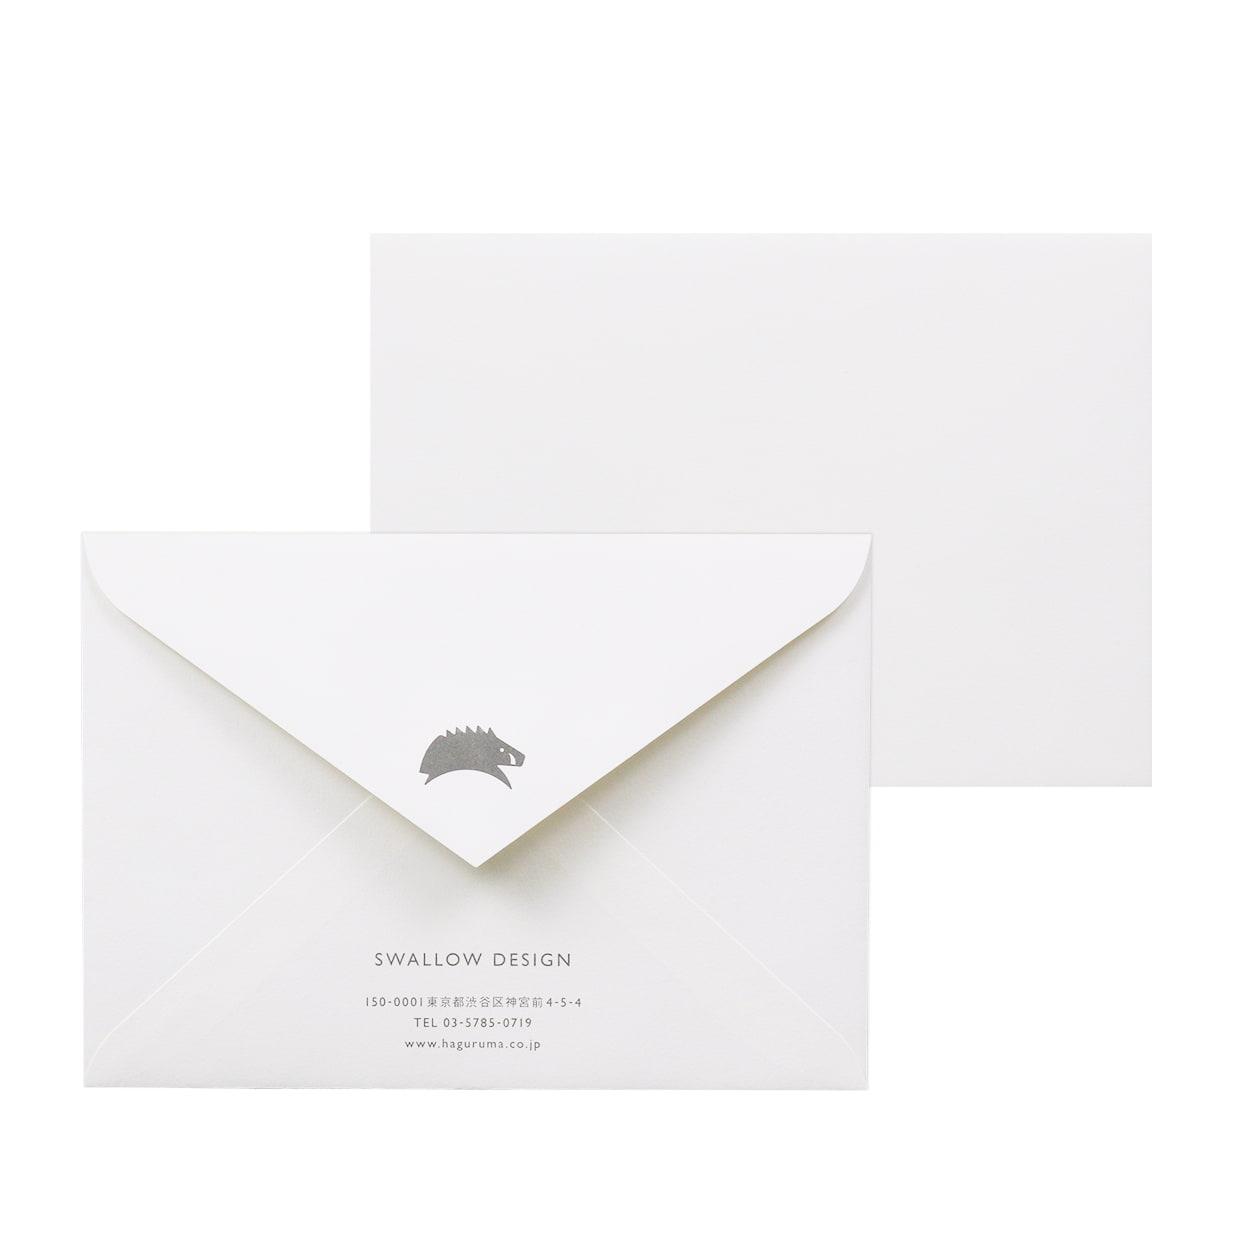 サンプル 封筒・袋 00070